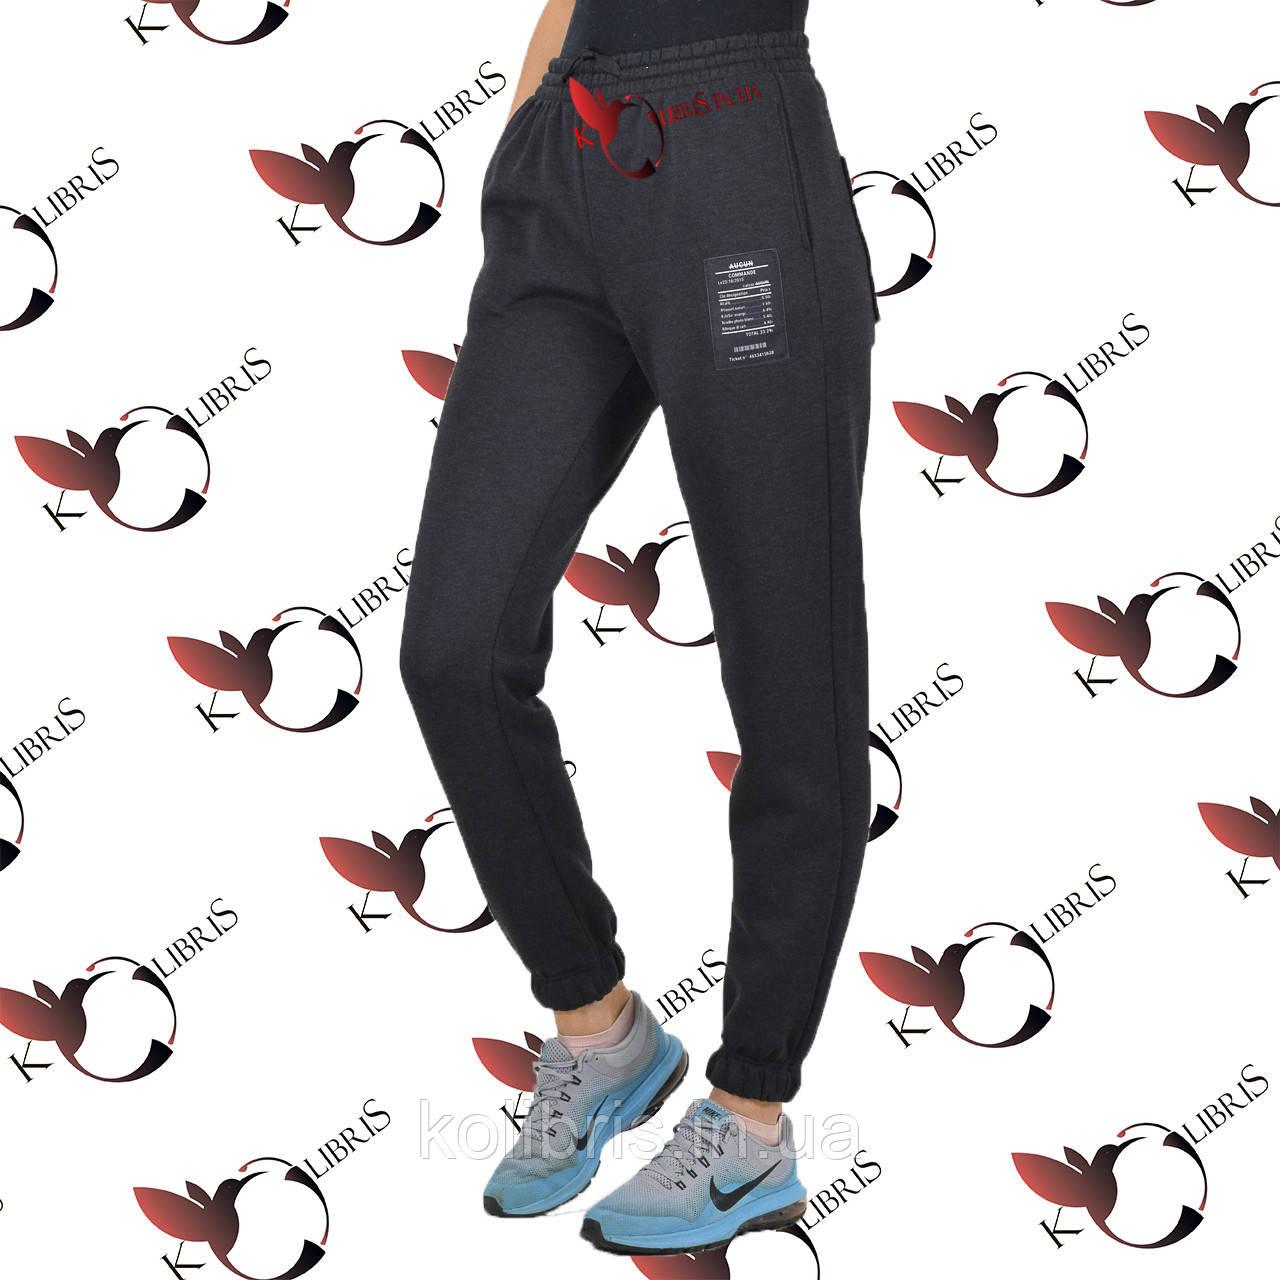 Женские утепленные спортивные штанишки трехнитка с начесом цвет темно-серый